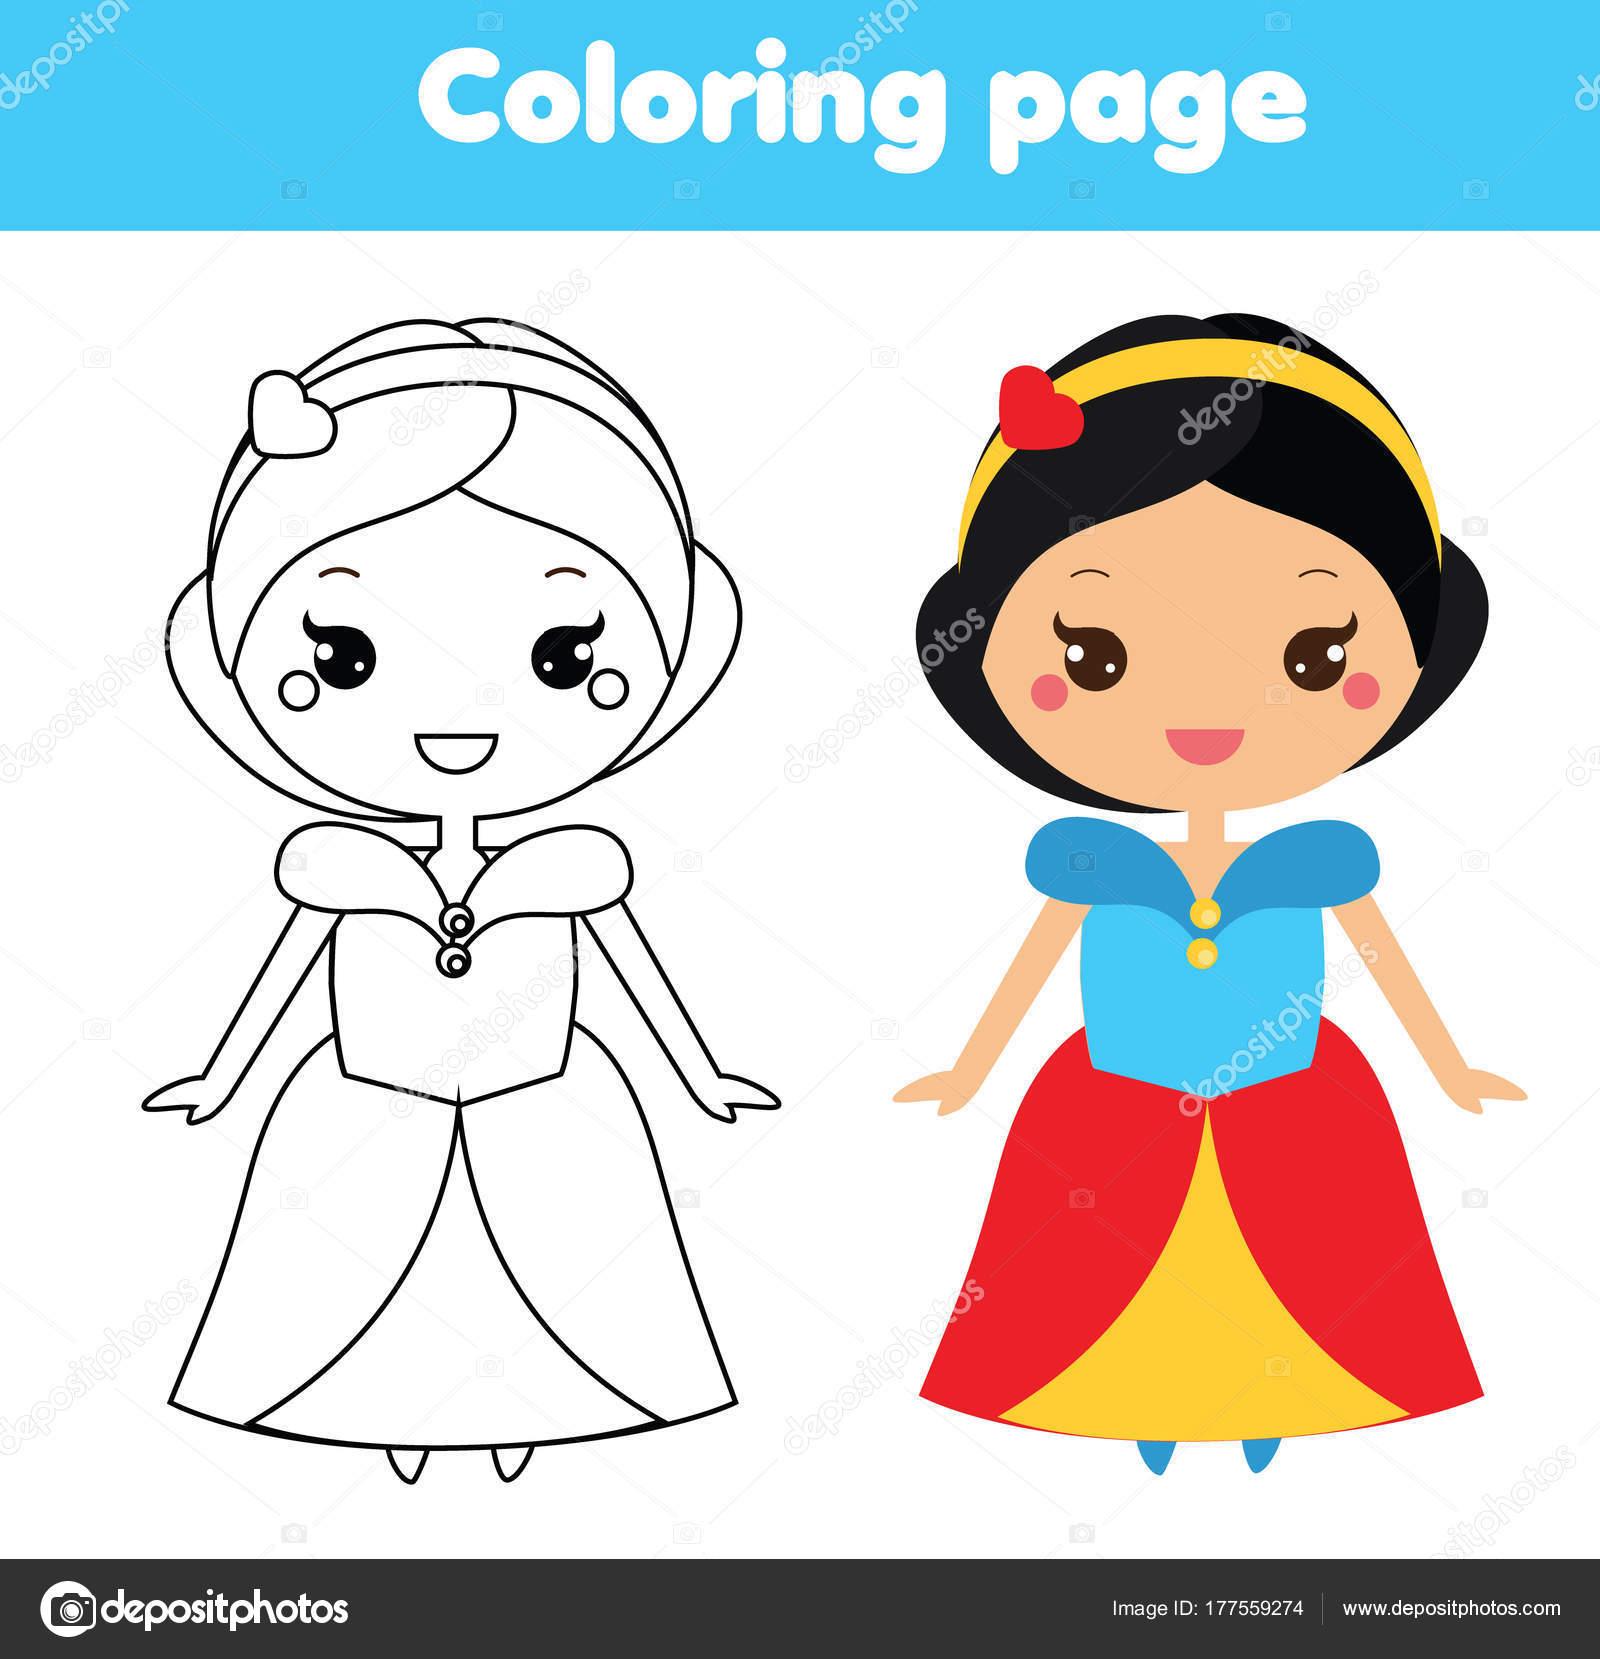 Kleurplaat Met Schattige Prinses Kawaii Stijl Kleur Van Afbeelding